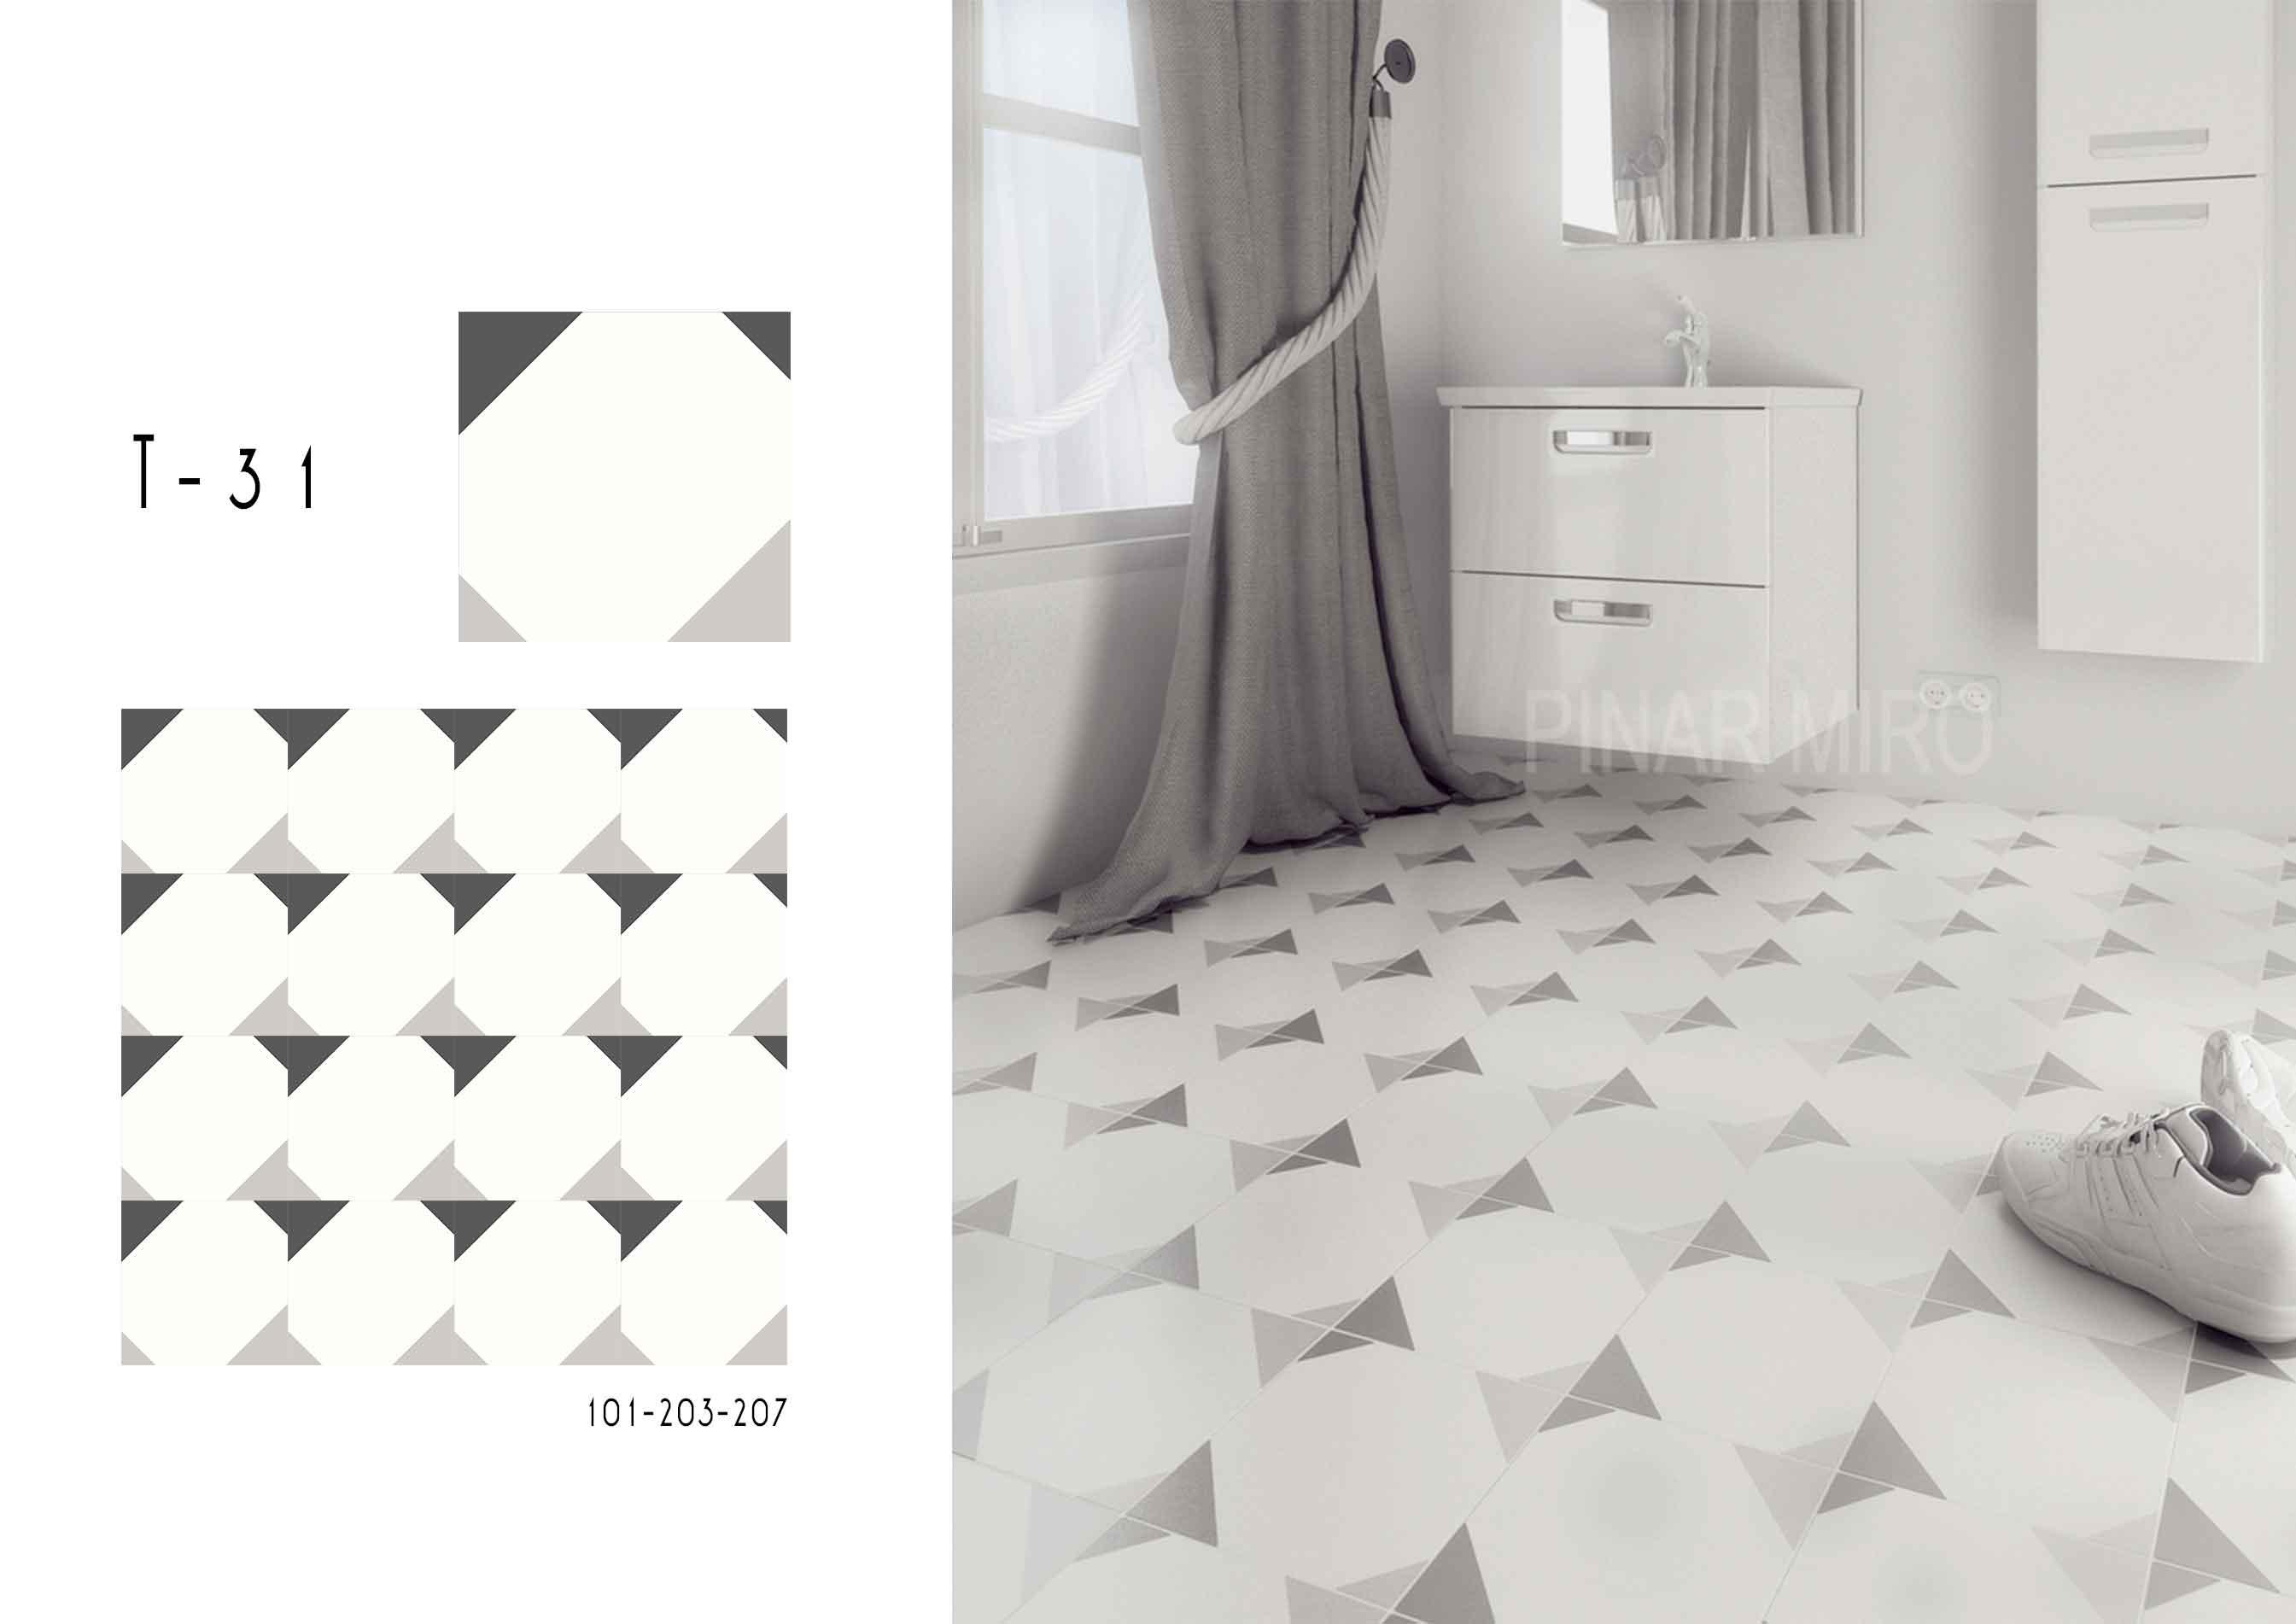 1t031-pinar-miro-cement-tiles